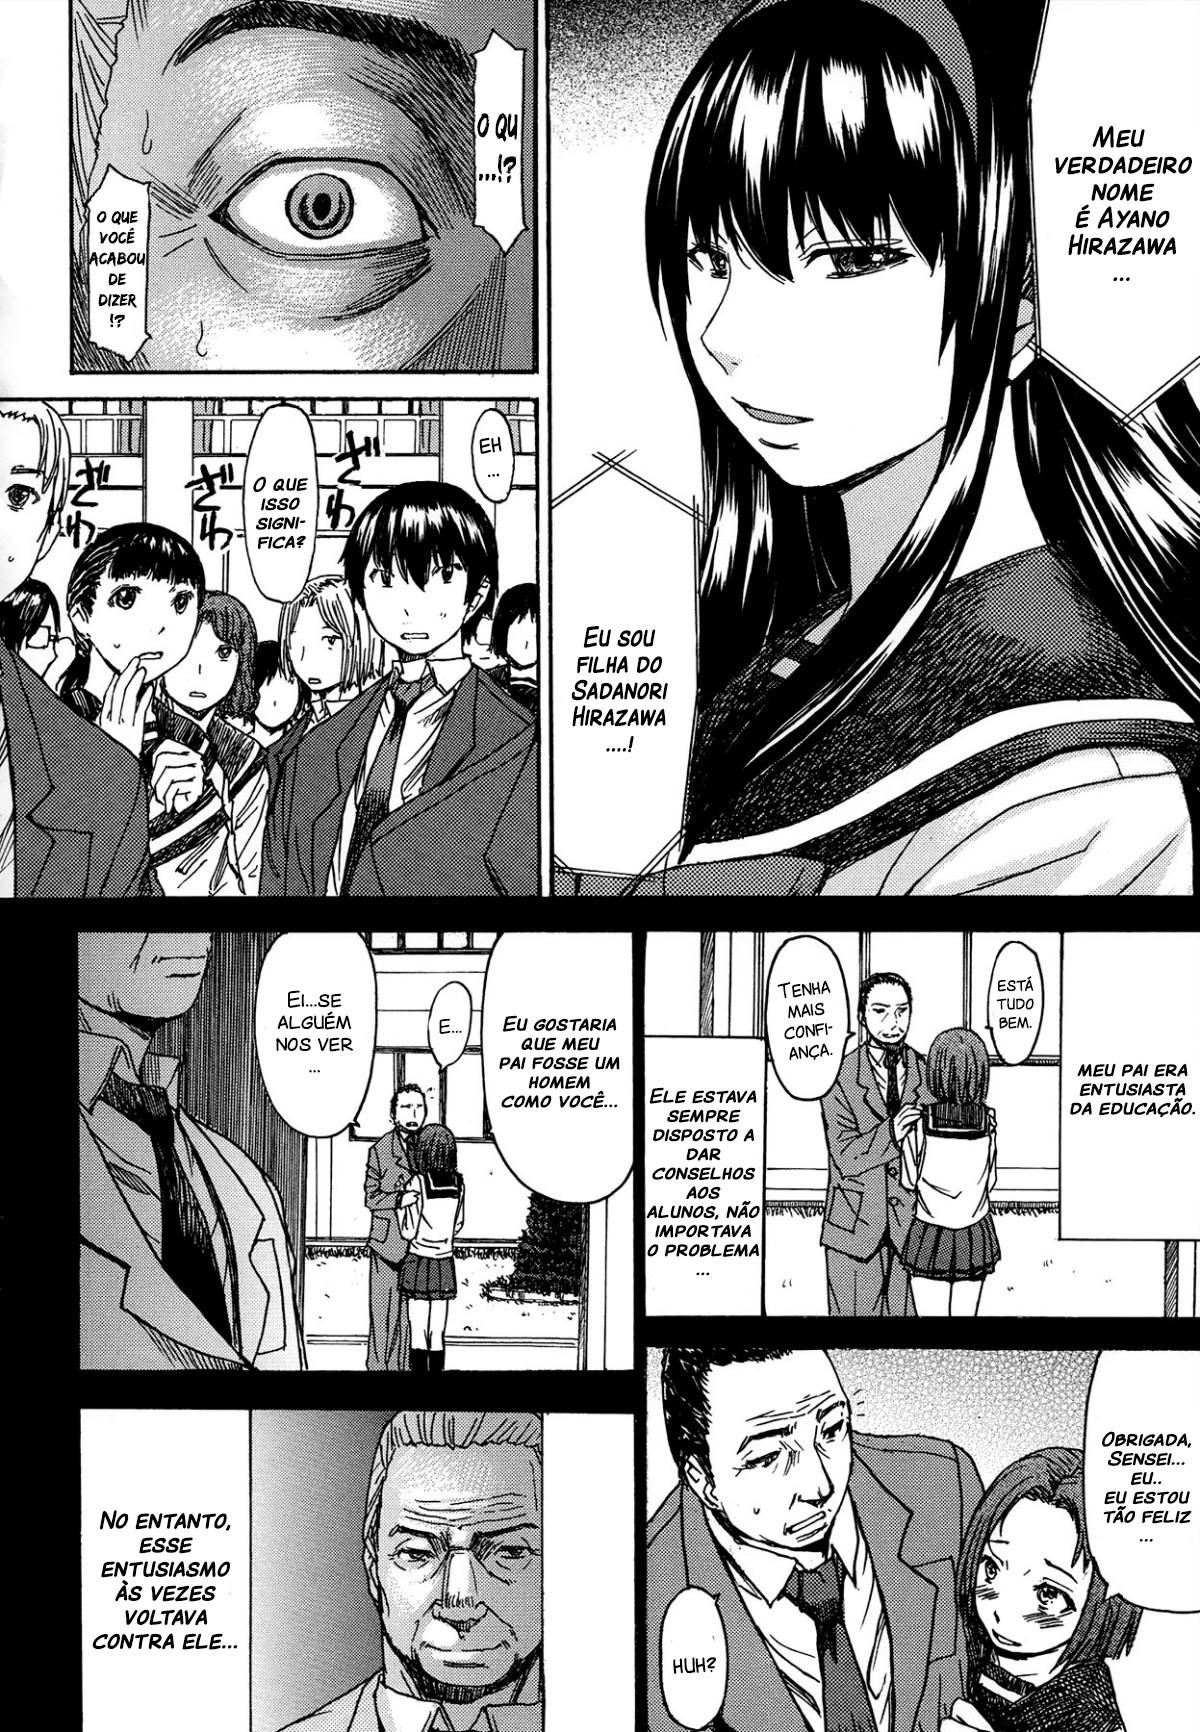 Ashigami Capitulo 5 - pagina 6